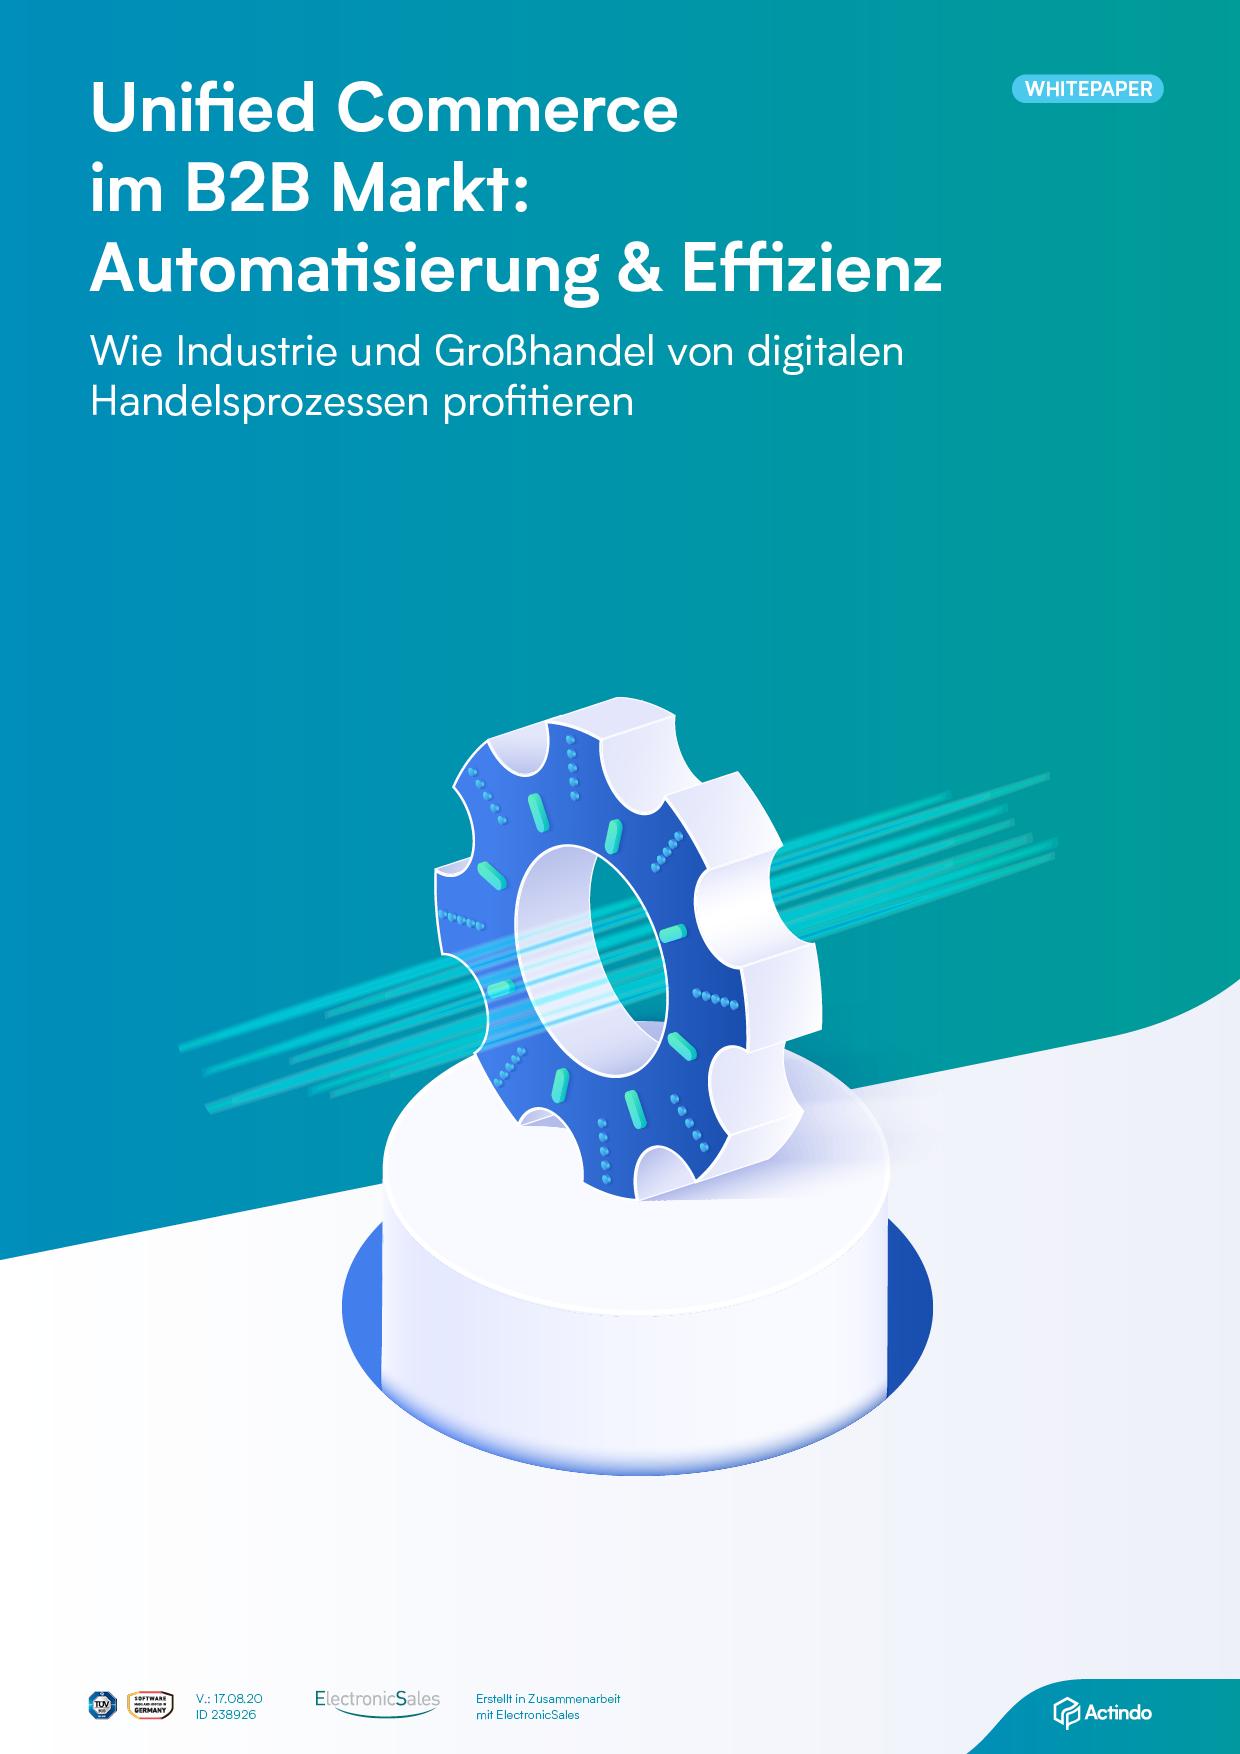 Actindo_Whitepaper_Unified Commerce im B2B Markt - Automatisierung und Effizienz